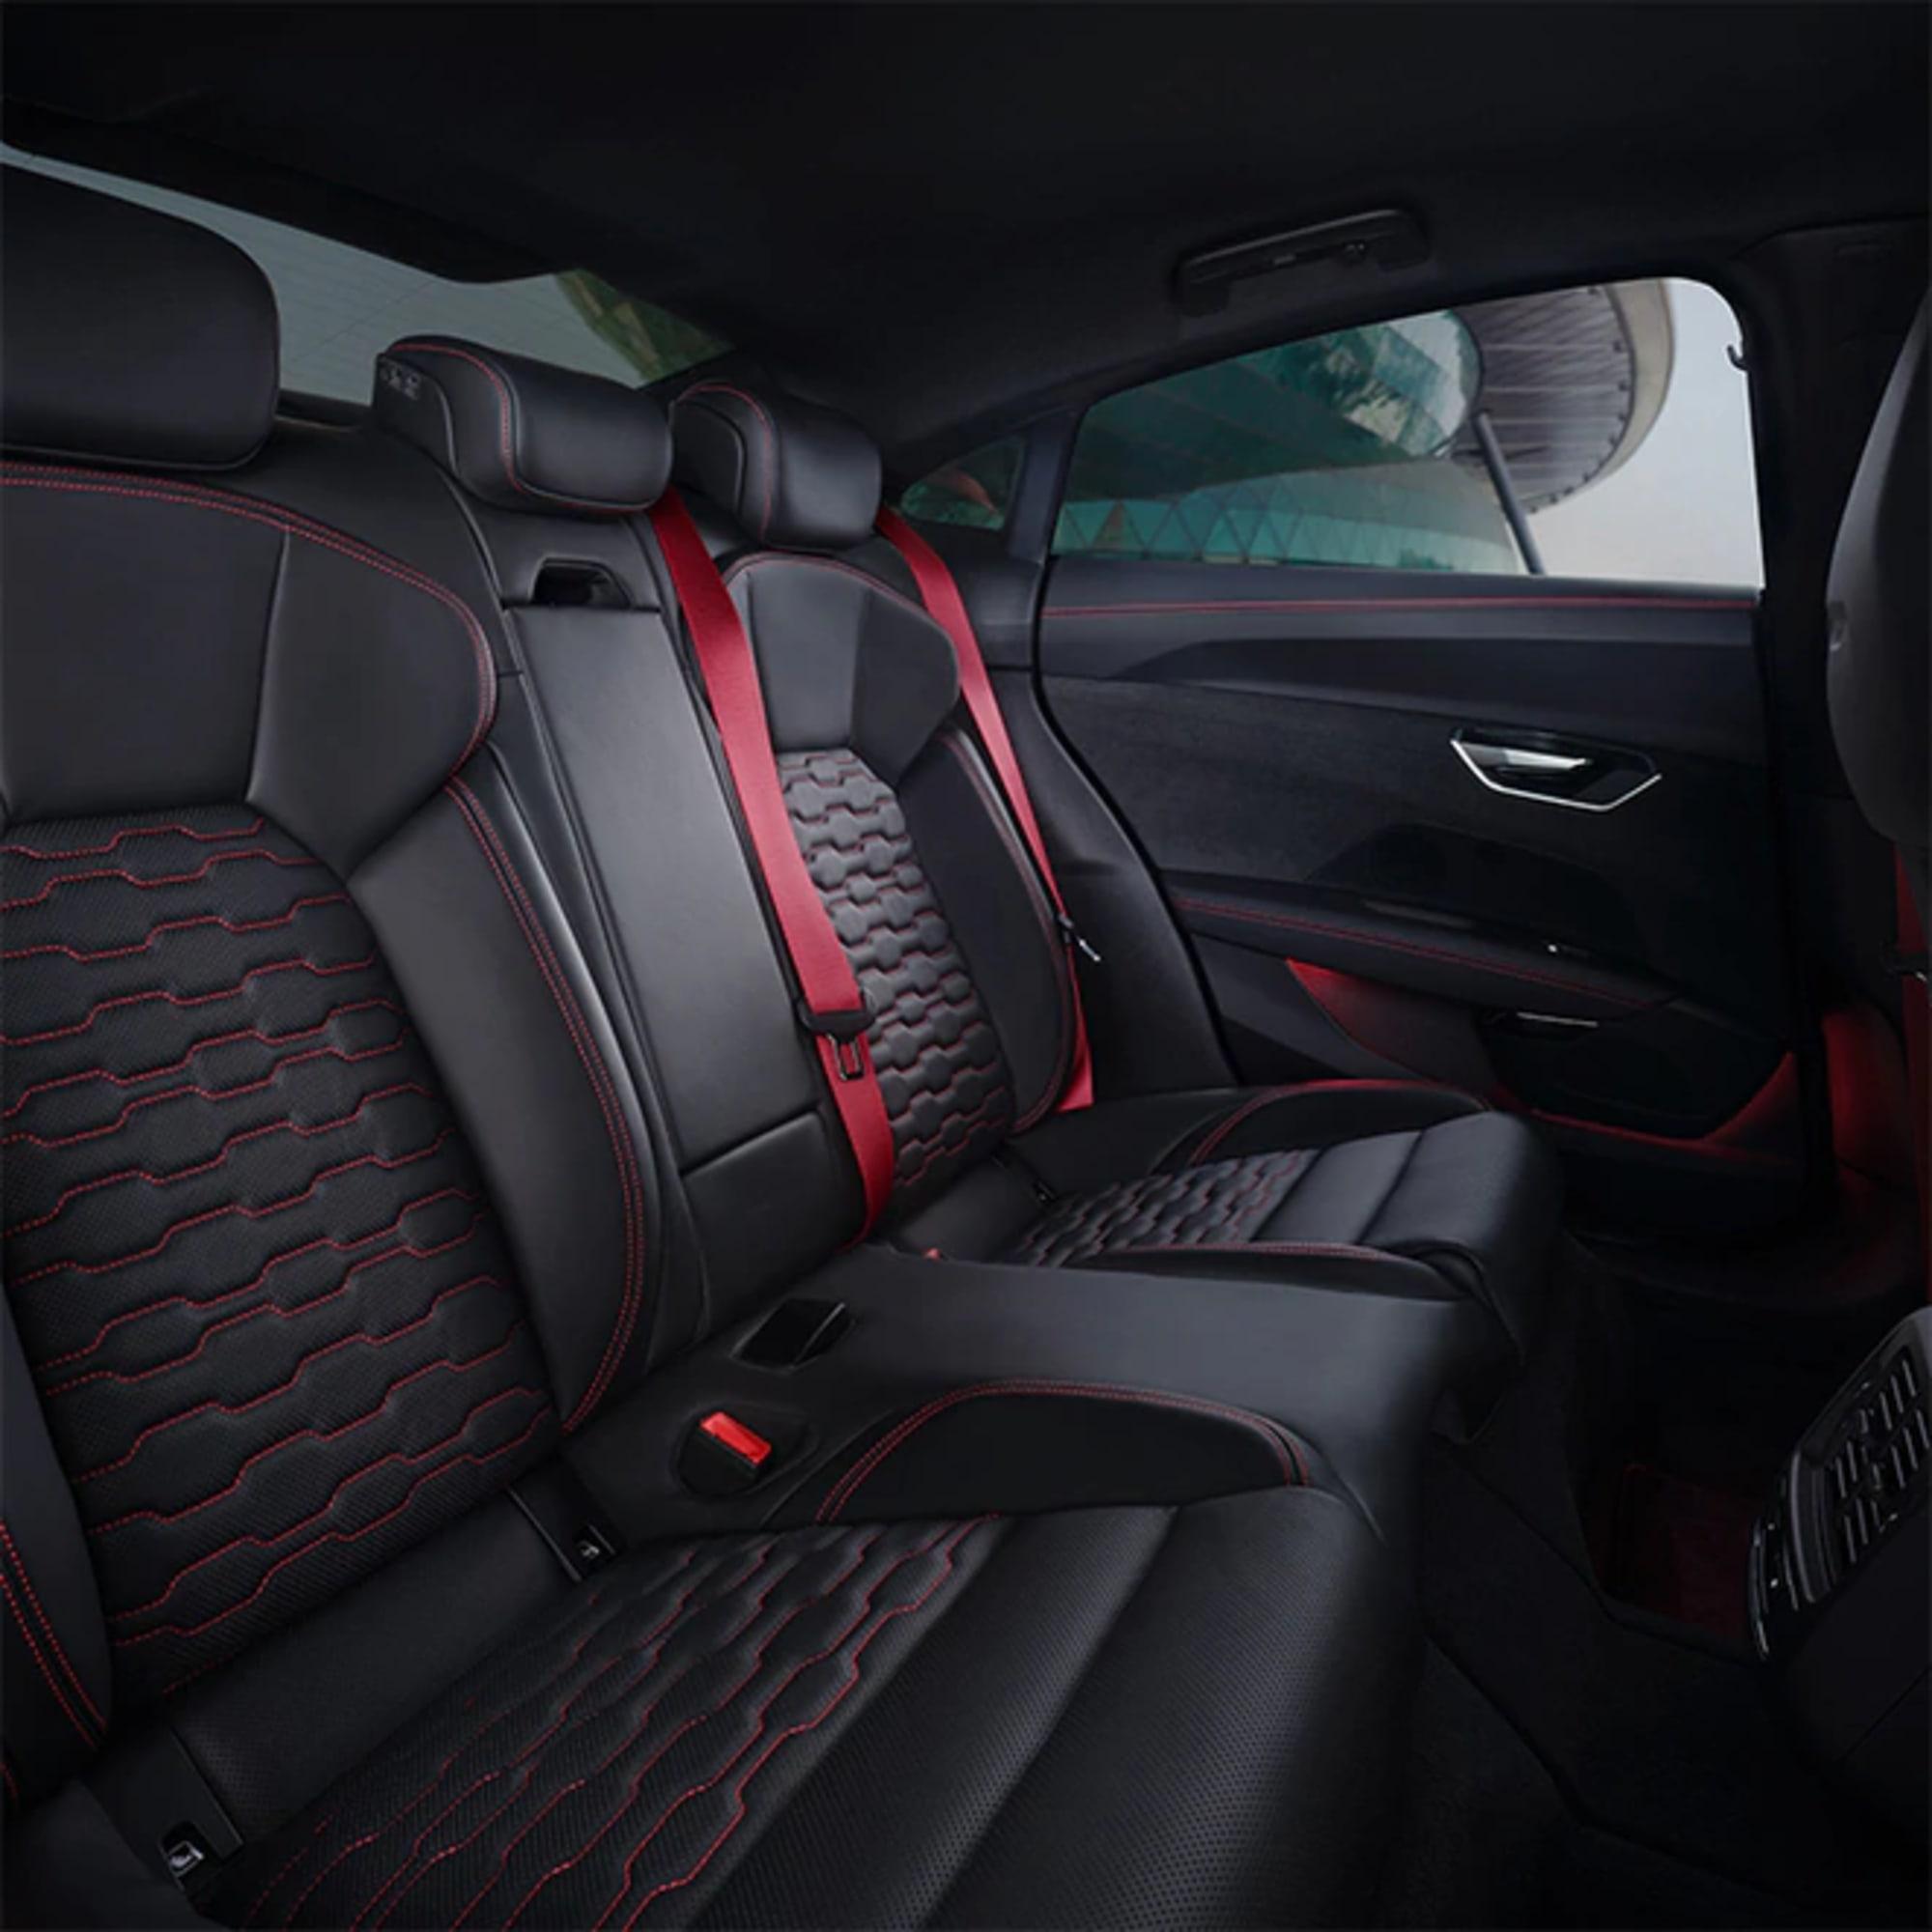 730x730-audi-rs-e-tron-gt-rear-seats